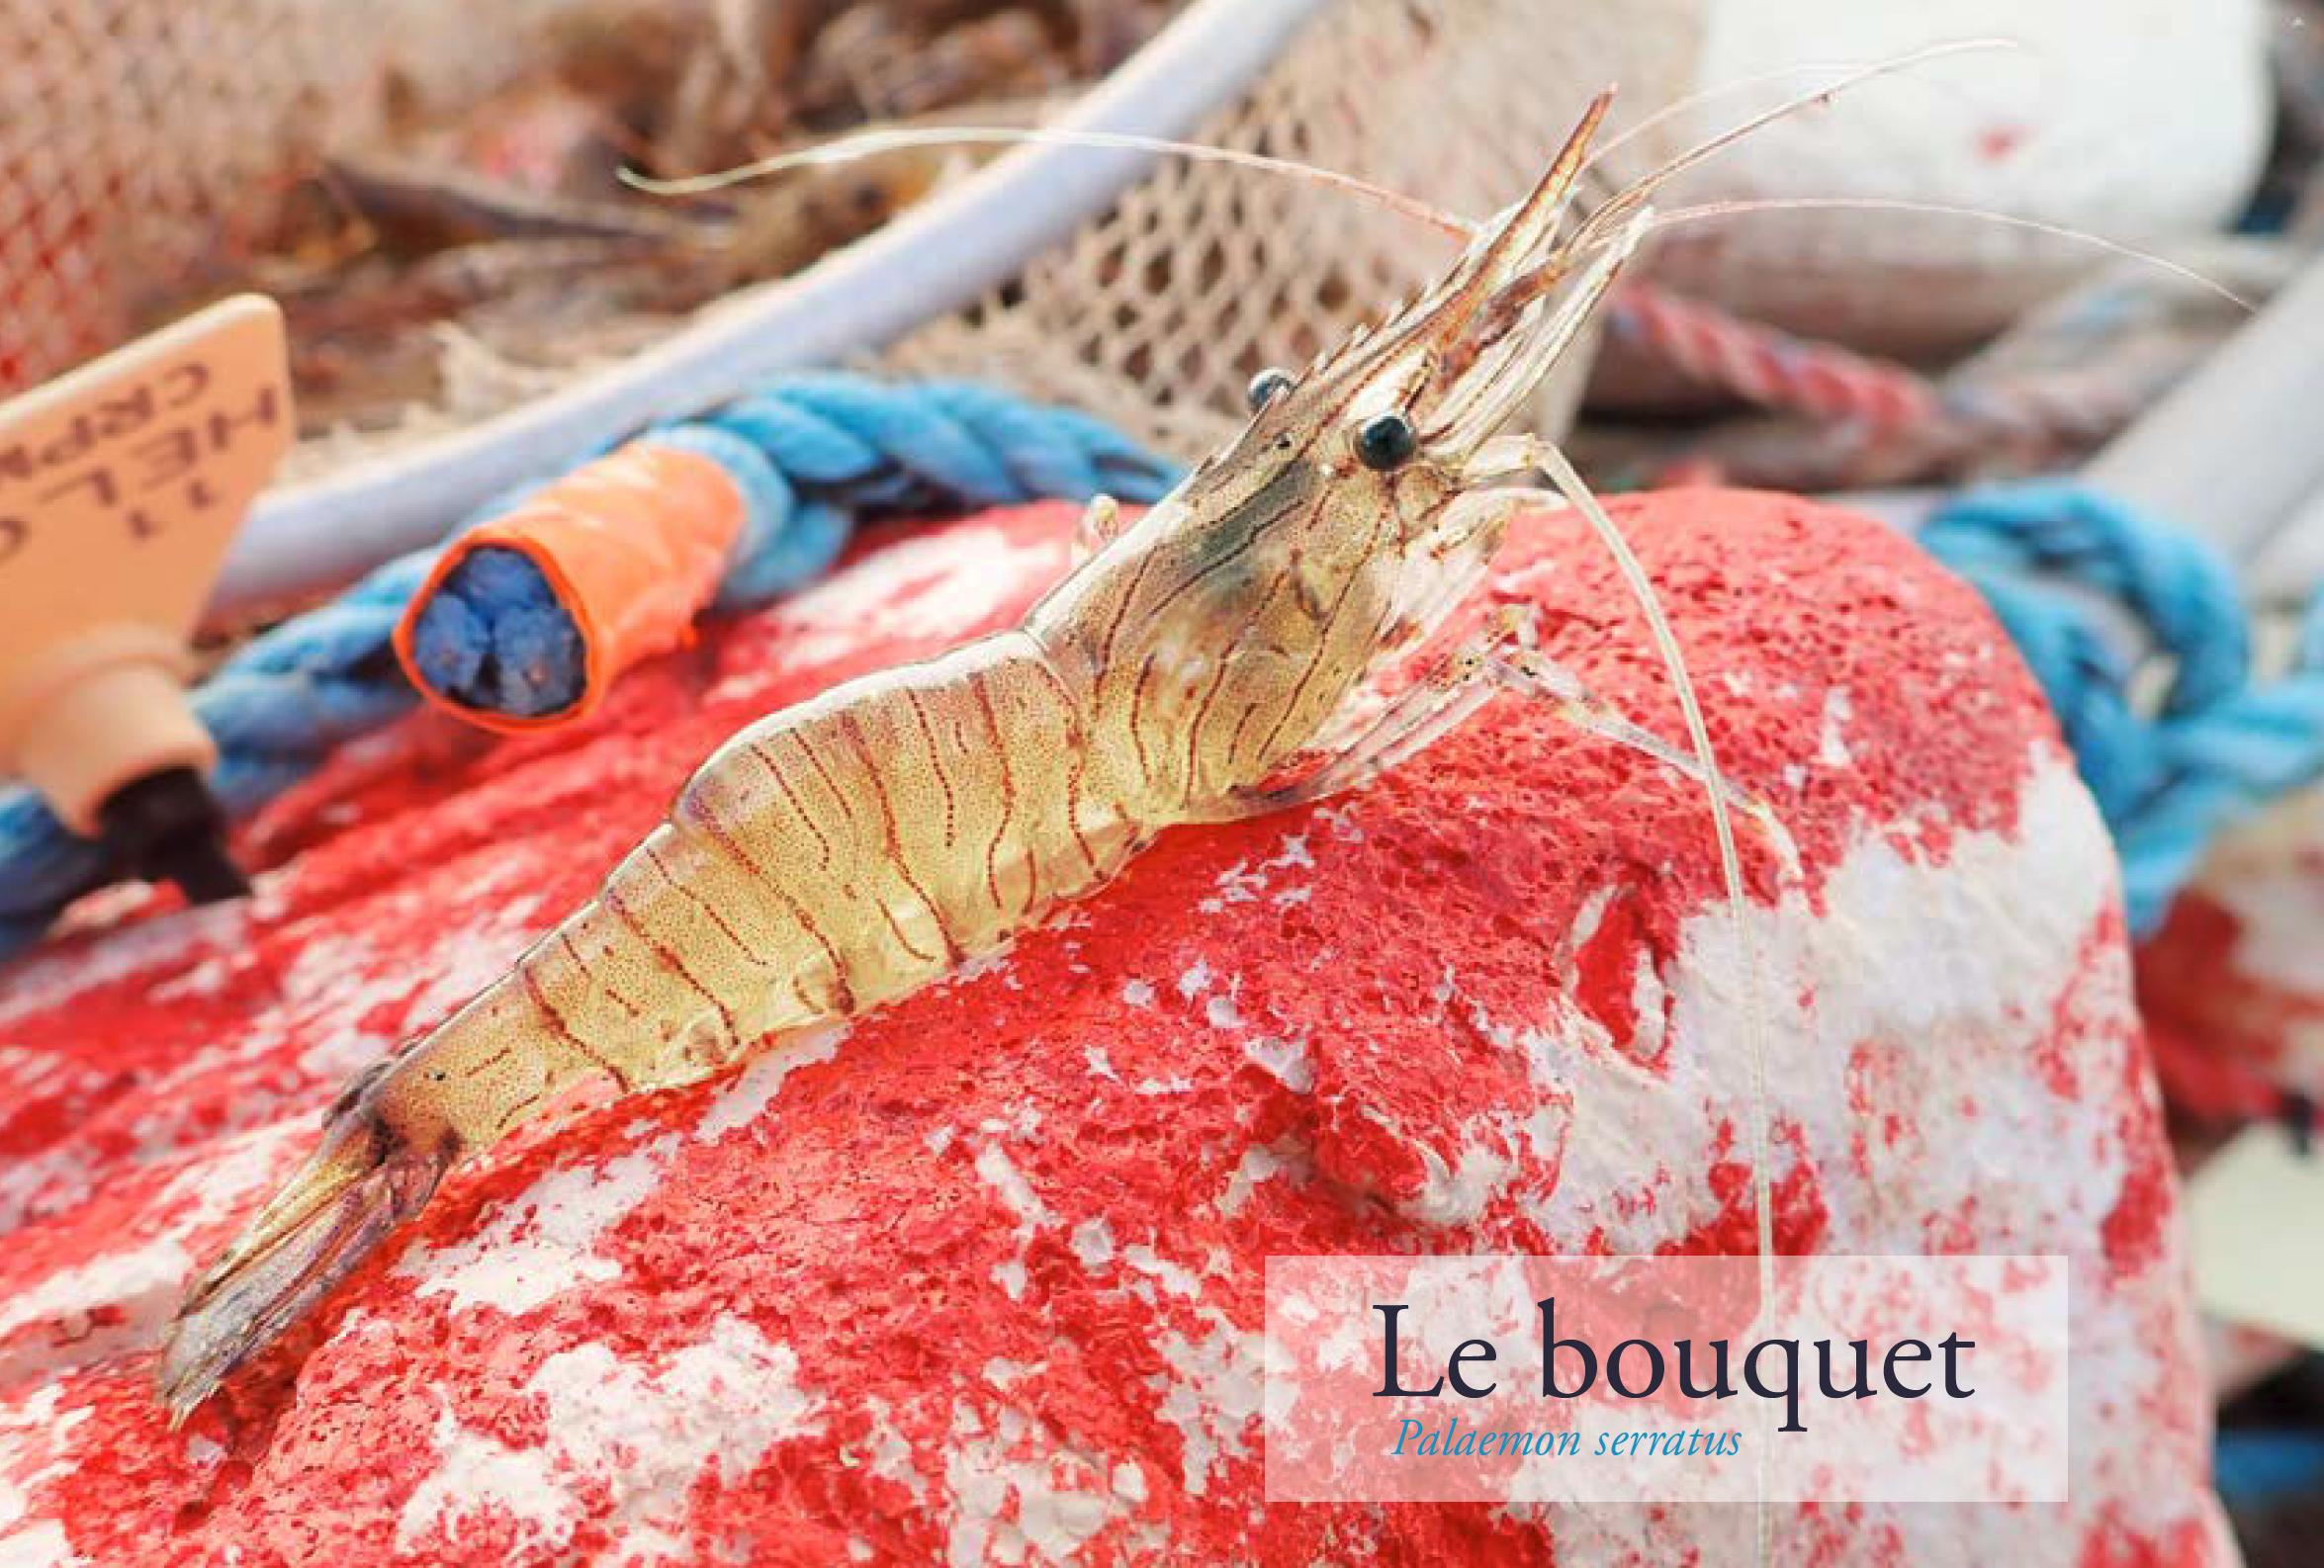 Programme Gédubouq